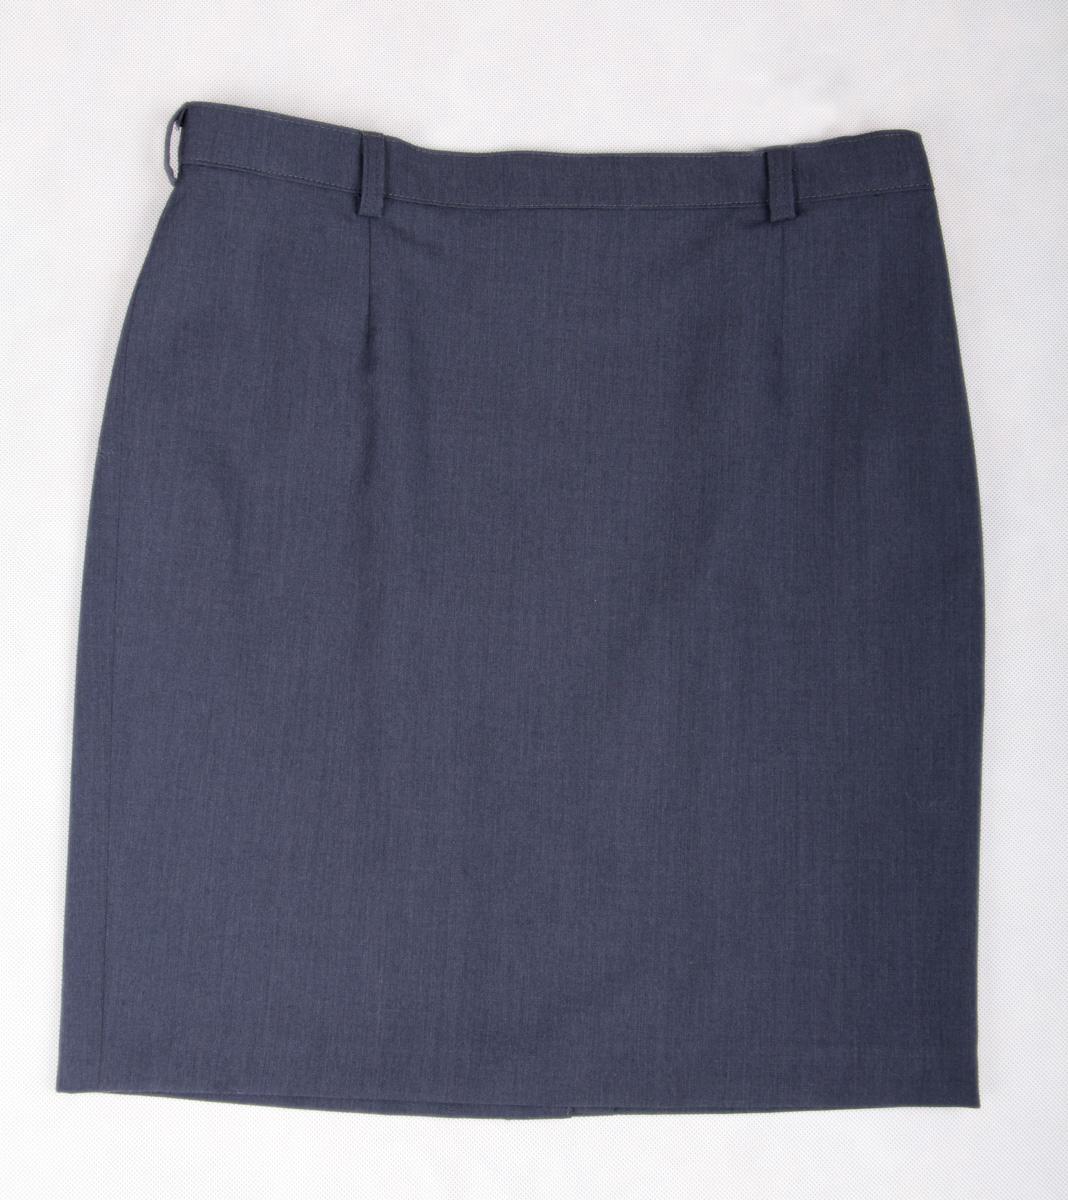 047ee558 Spodnie, spódnice - Służba więzienna